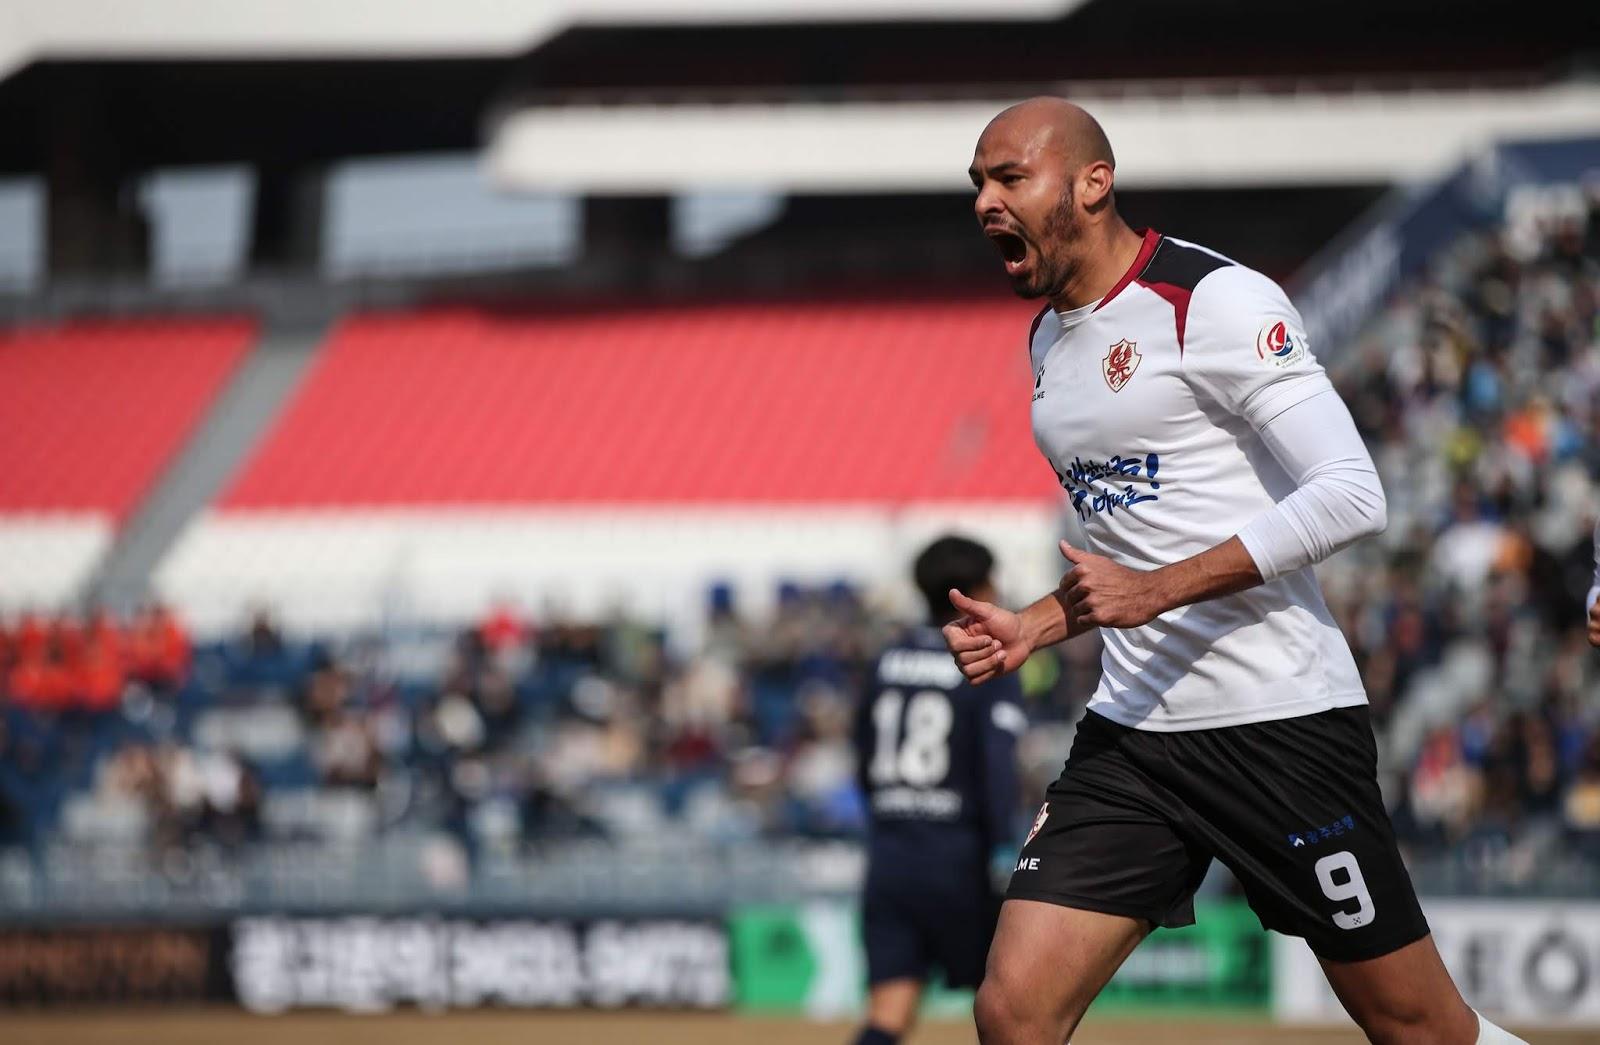 Preview: Gwangju FC vs Asan Mugunghwa K League 2 Felipe